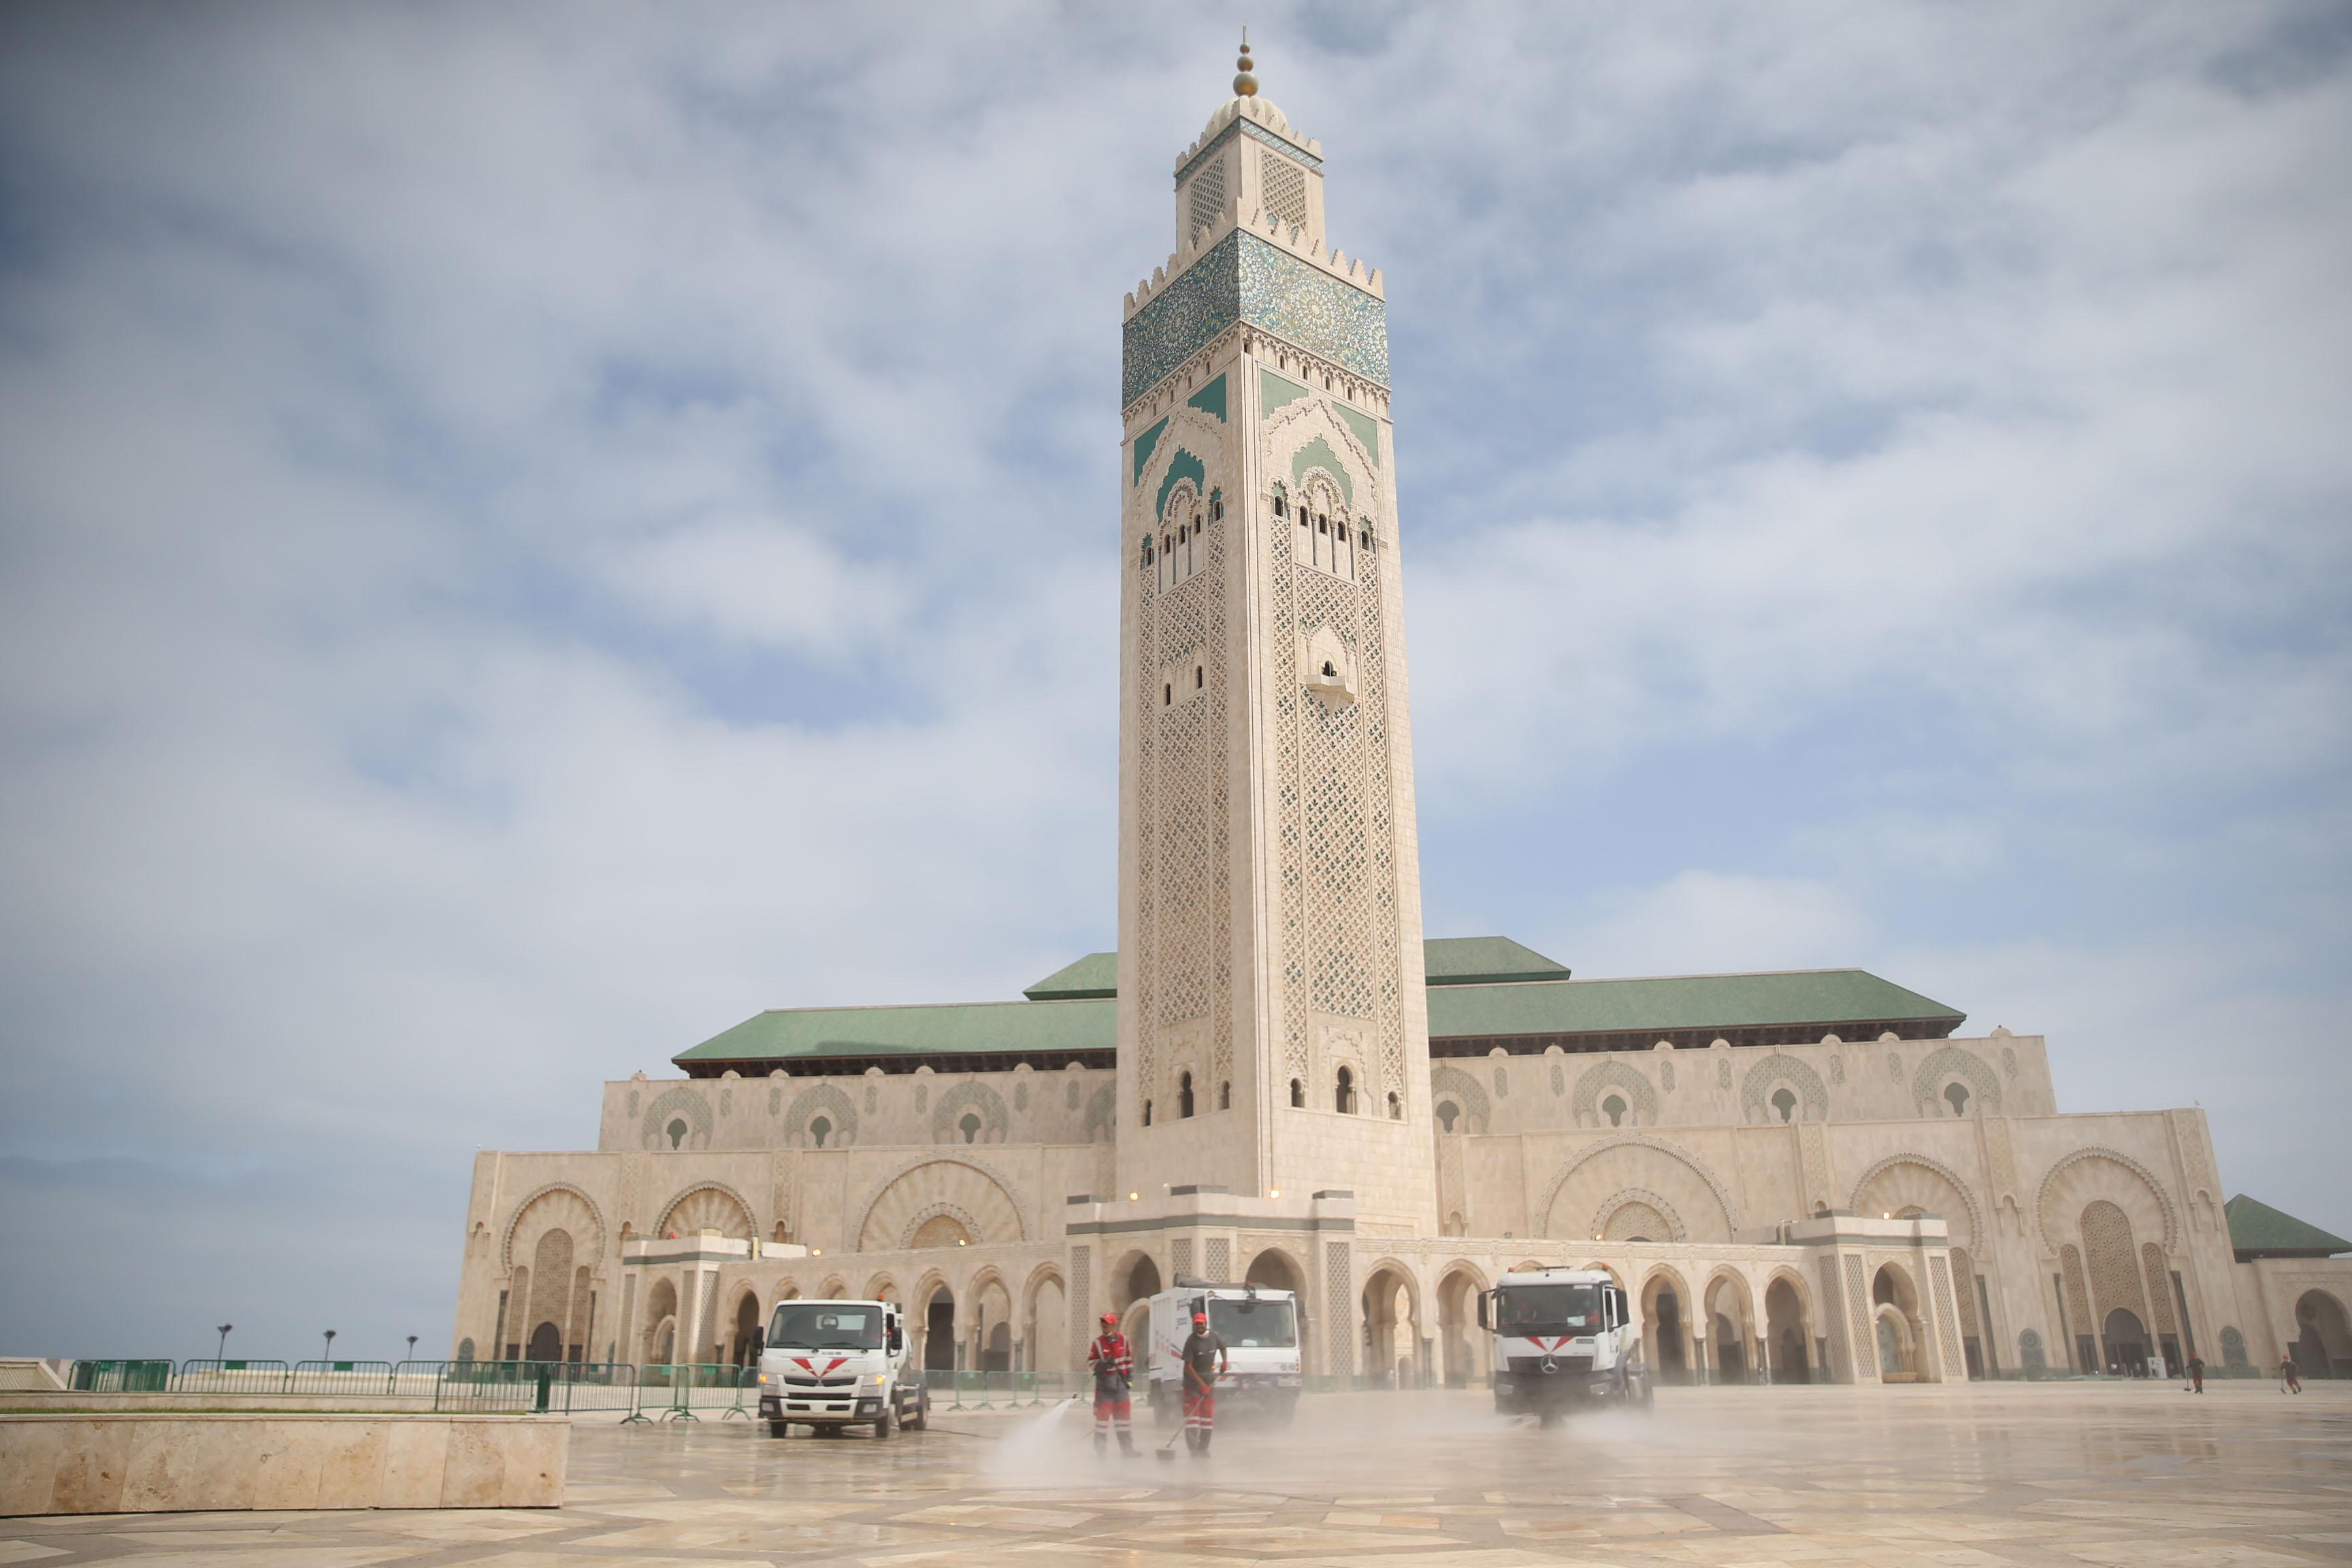 Opération de désinfection de la mosquée Hassan II en vue de sa réouverture.